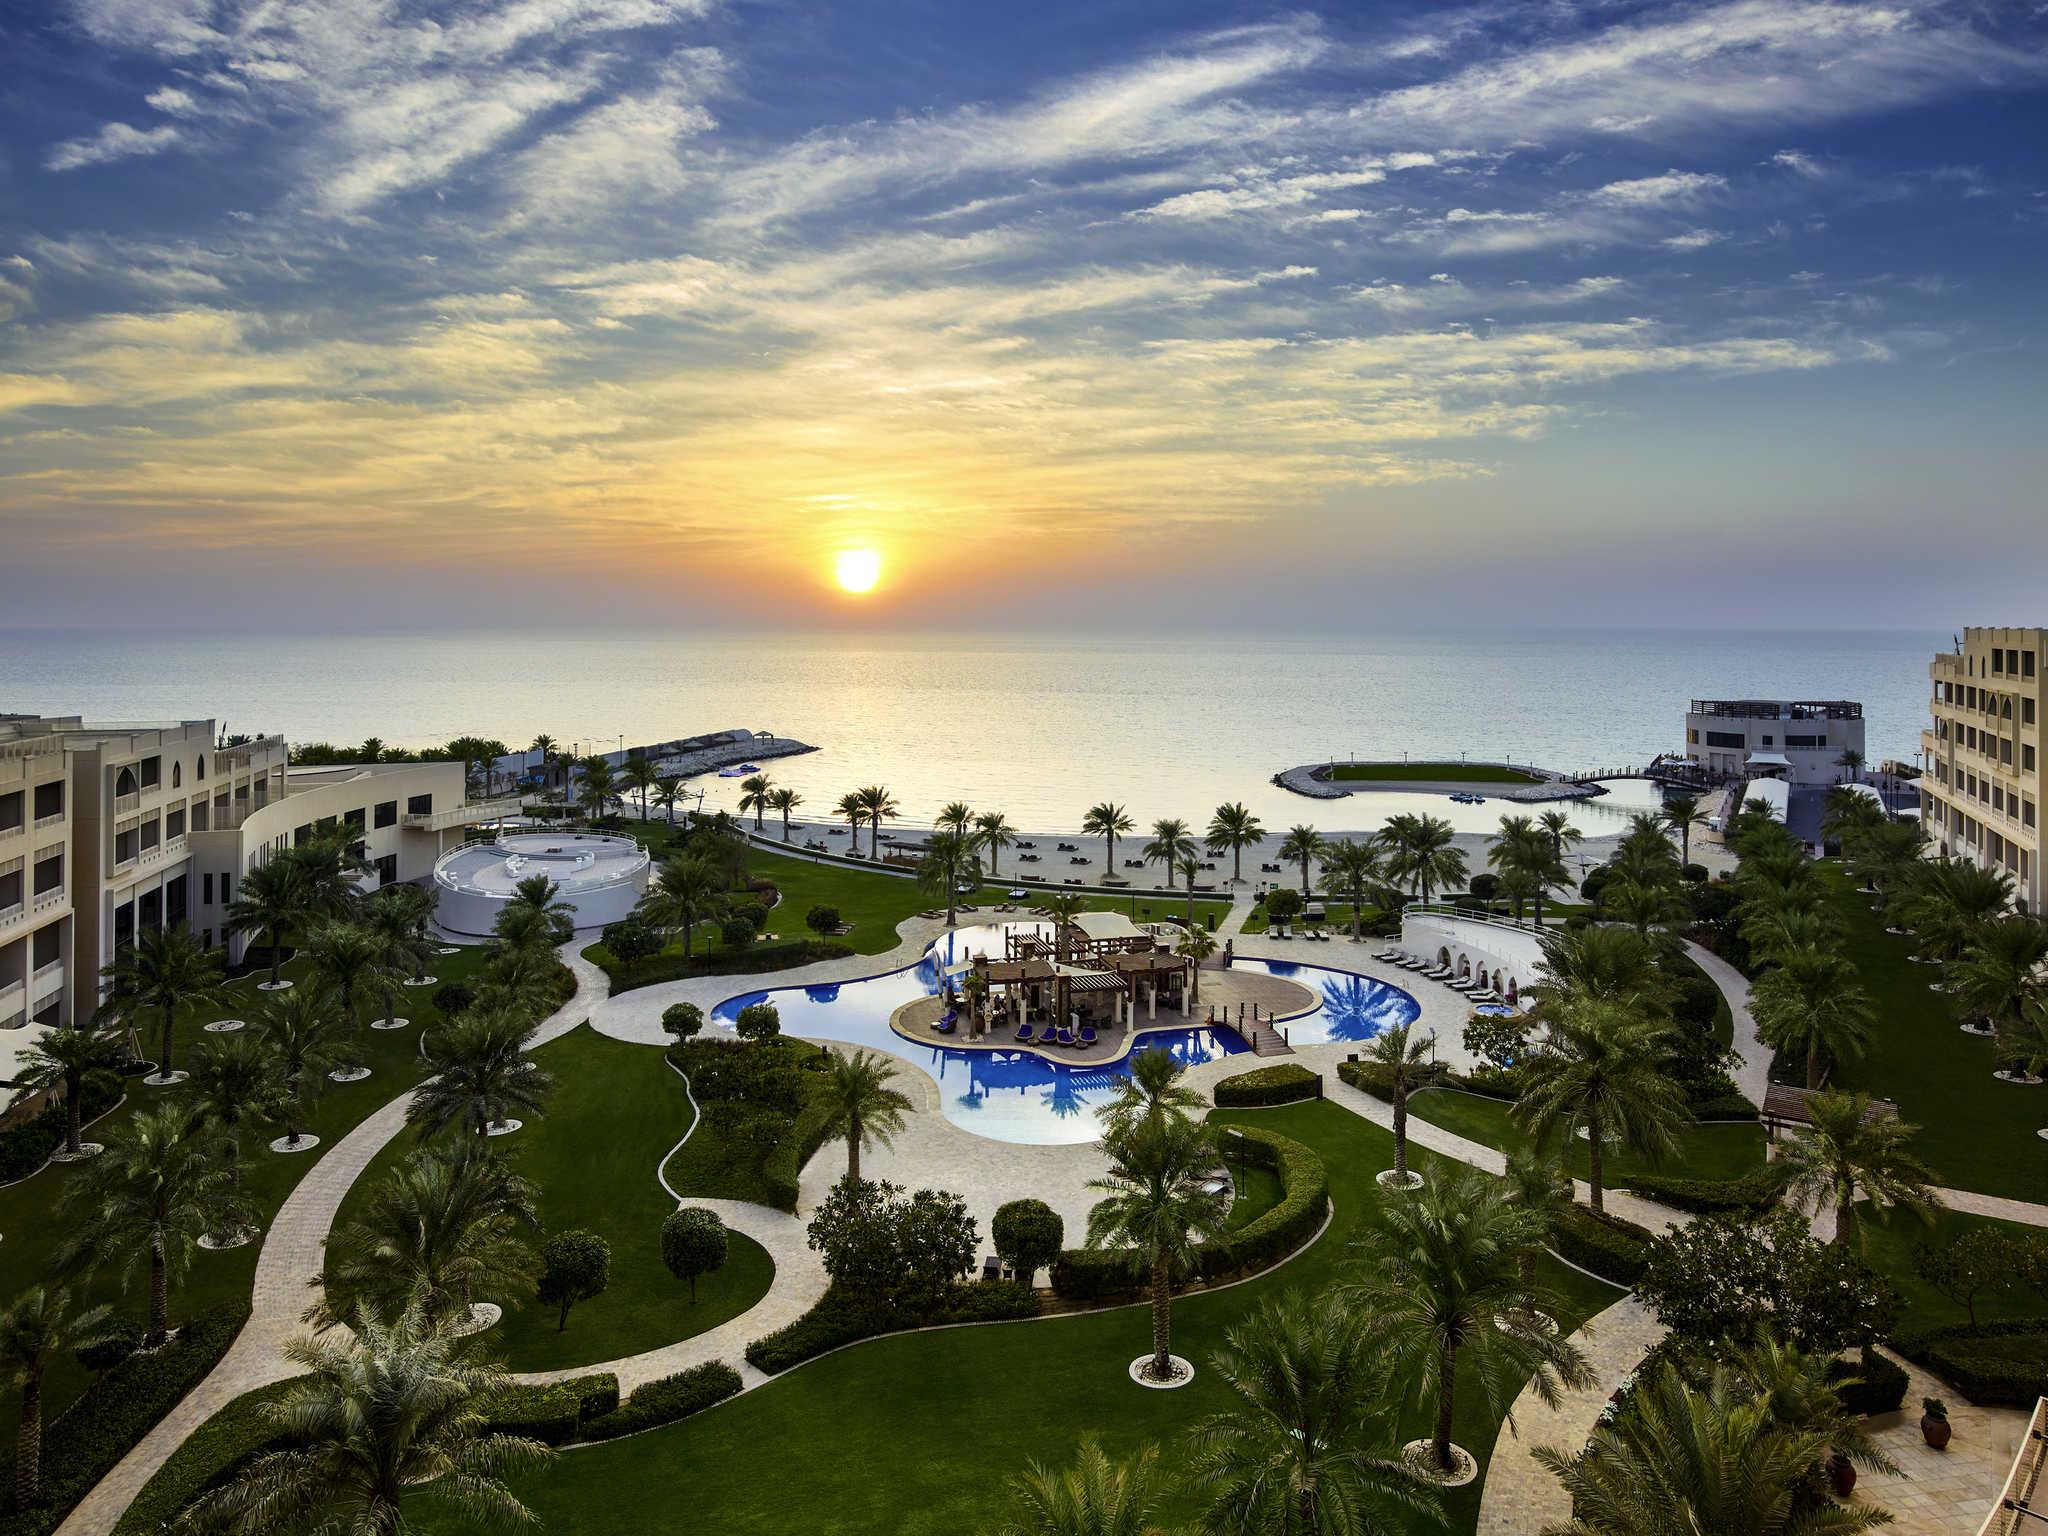 Hotel - Sofitel Bahrain Zallaq Thalassa sea & spa